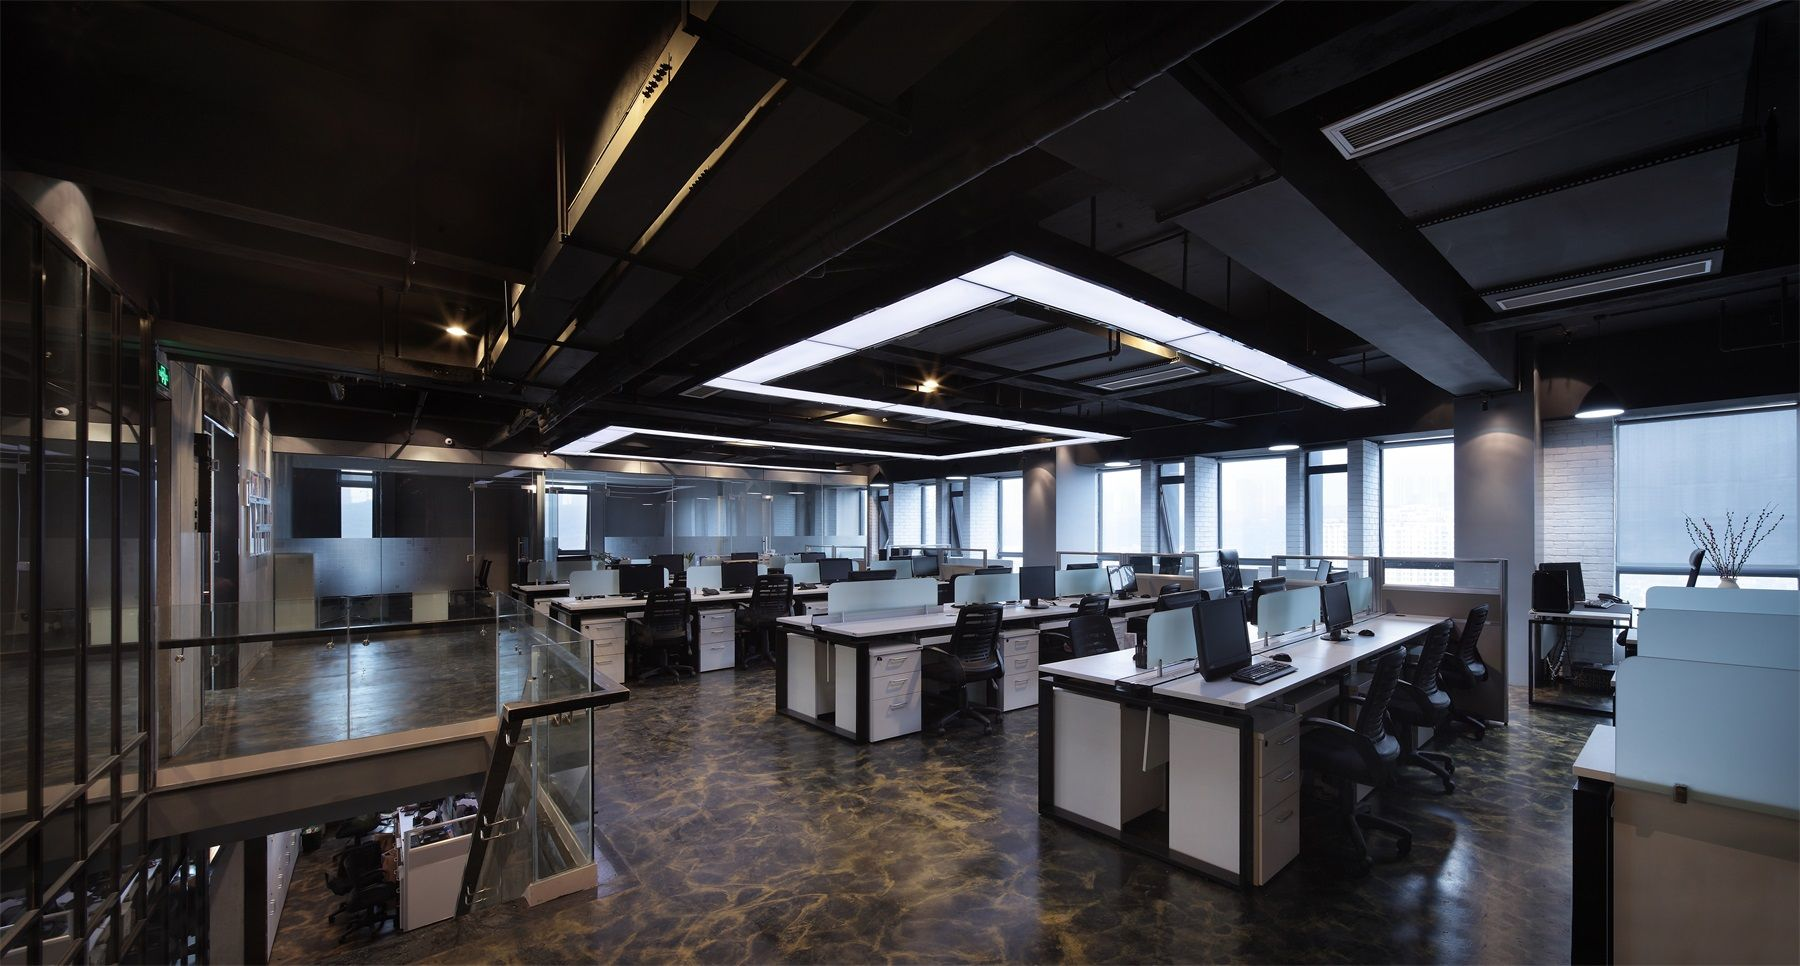 木材/大理石等  案例说明:本案例是一家工程技术办公室装修效果图.图片